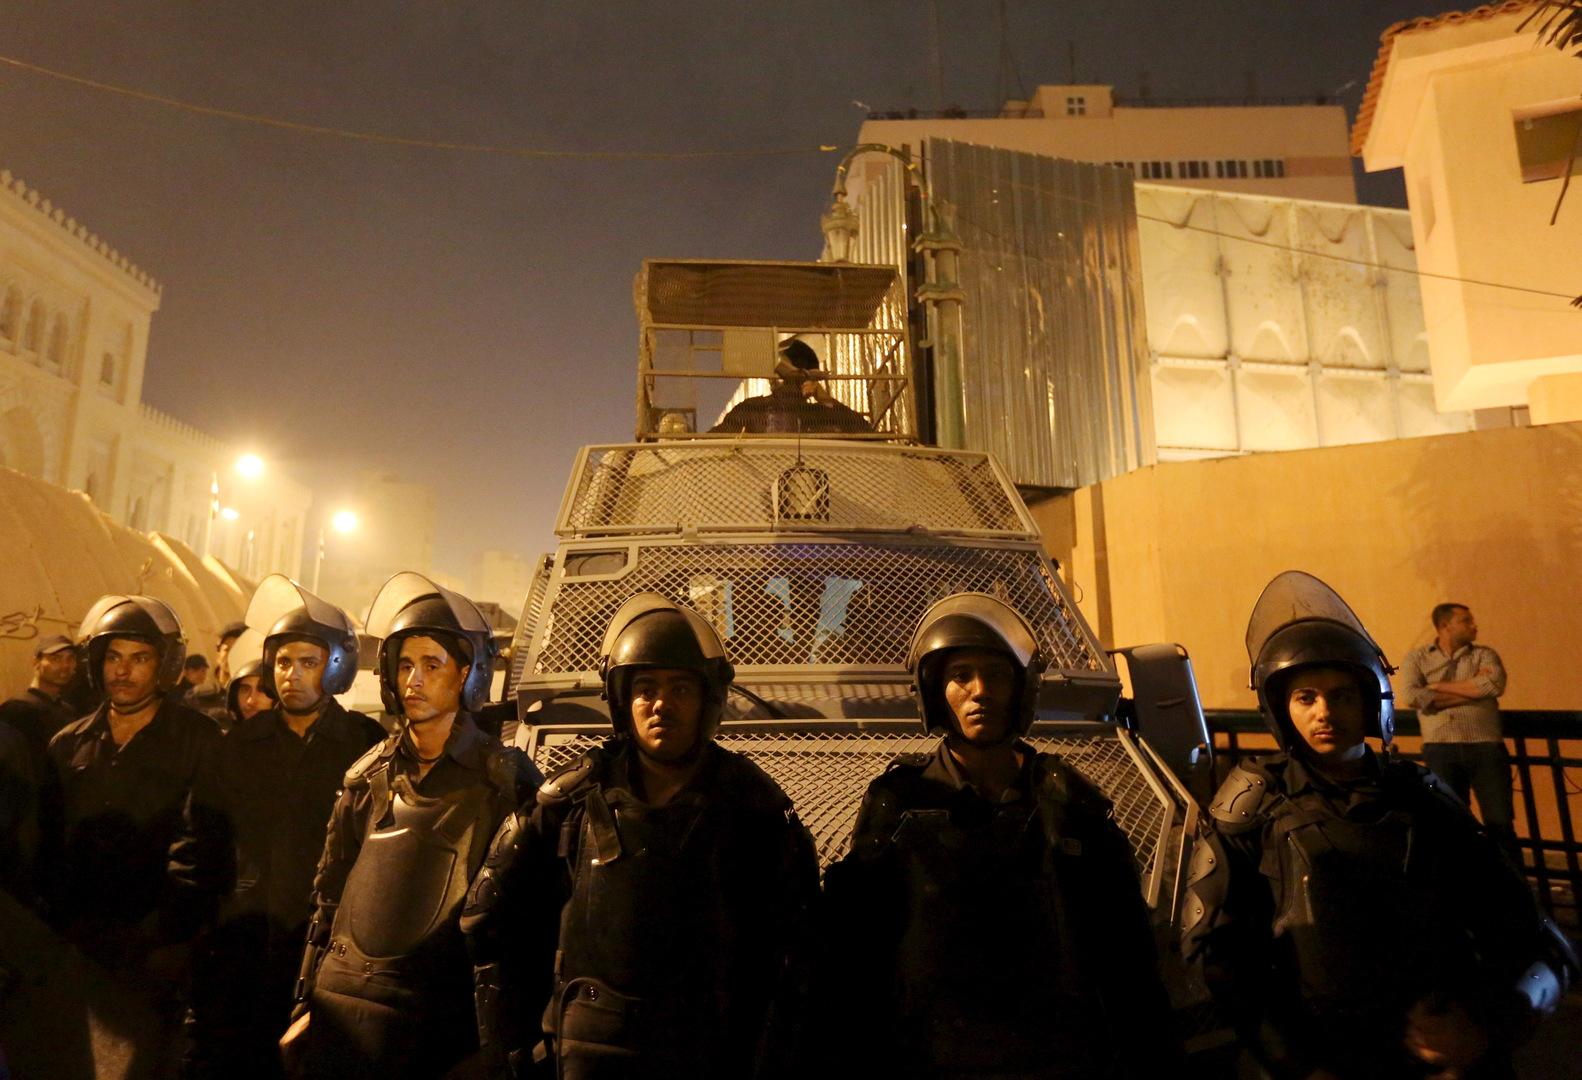 كاميرات المراقبة تكشف وجوه محكومين بالإعدام الهاربين من سجن شديد الحراسة في مصر